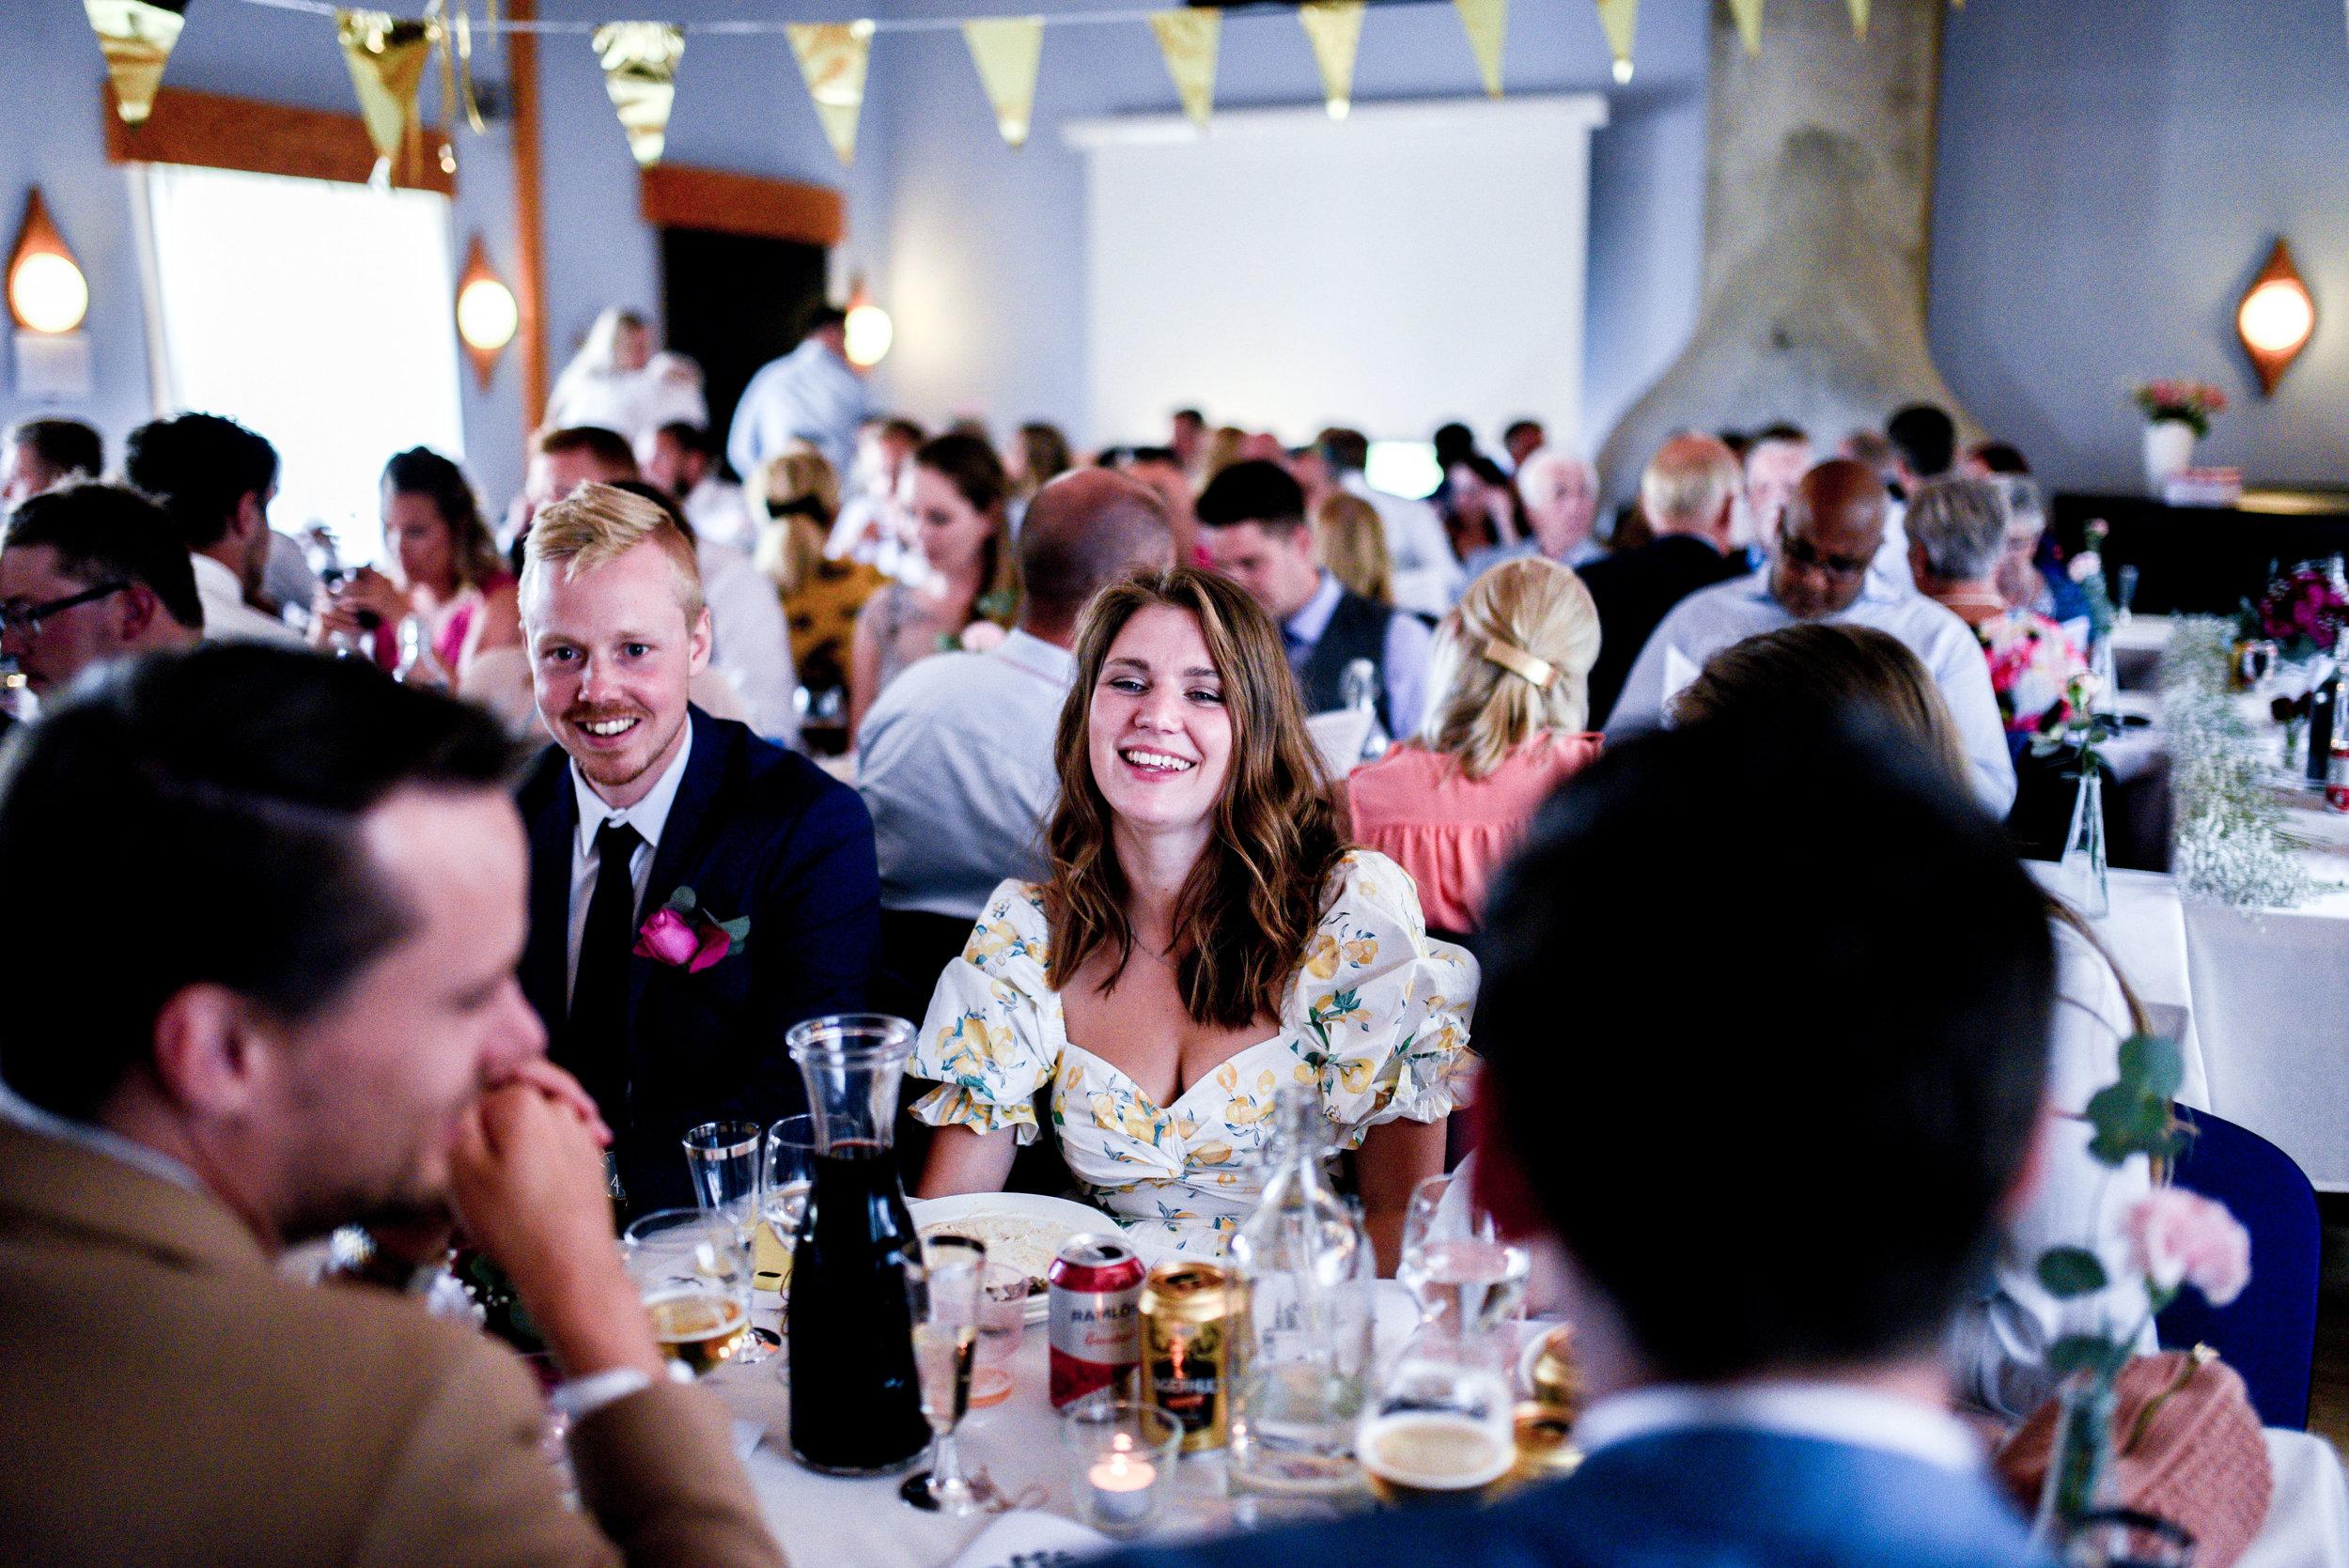 Bröllop2019lågkvall2-6012.jpg